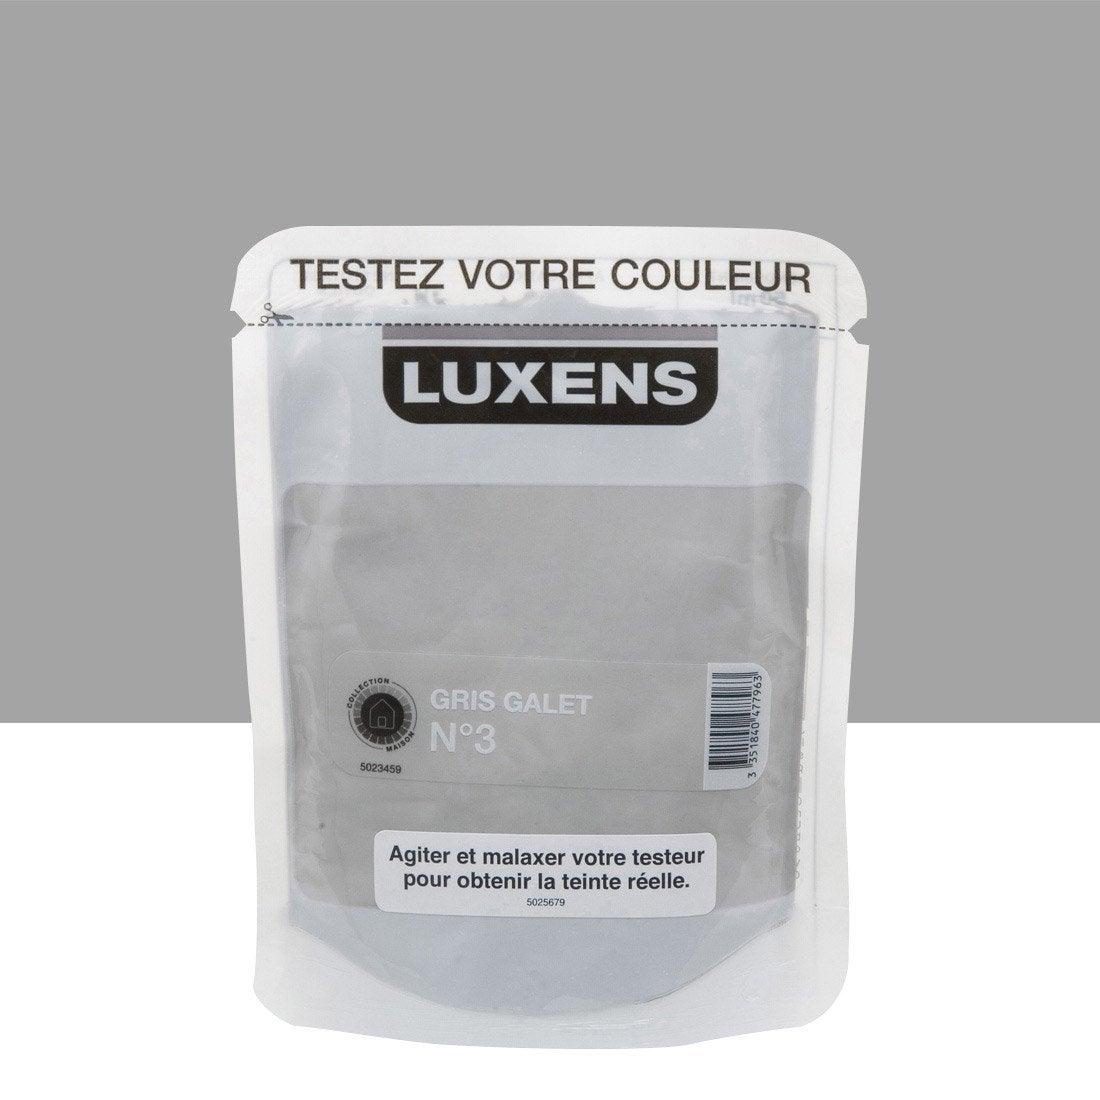 Testeur peinture gris galet 3 luxens couleurs int rieures - Peinture leroy merlin luxens ...